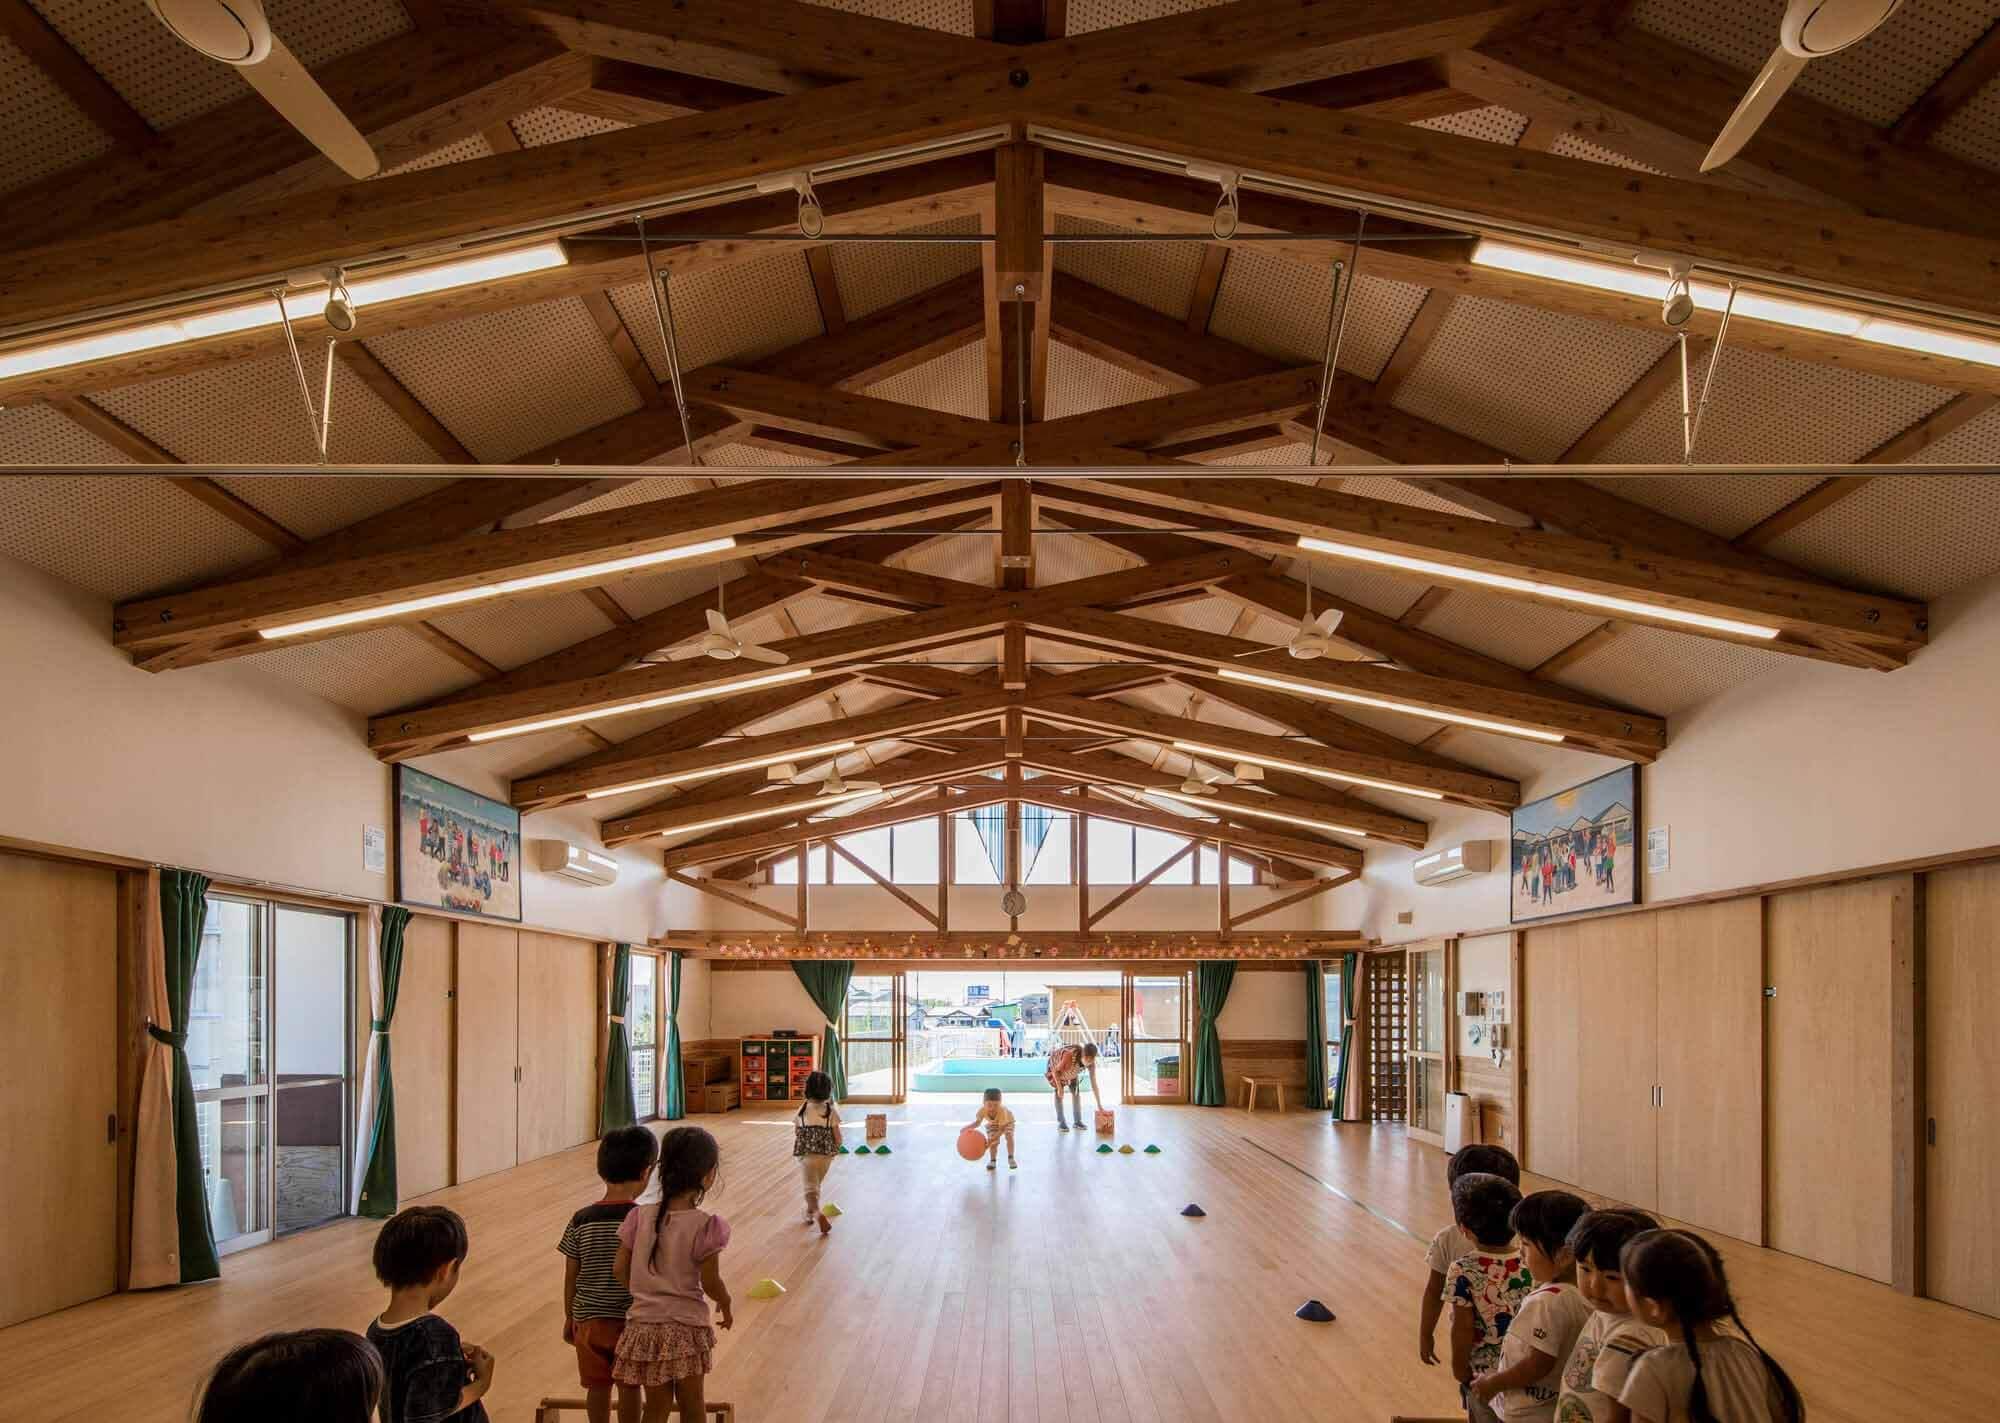 Сертифицированный детский центр Hitachi City Hanayama / MIKAMI Architects